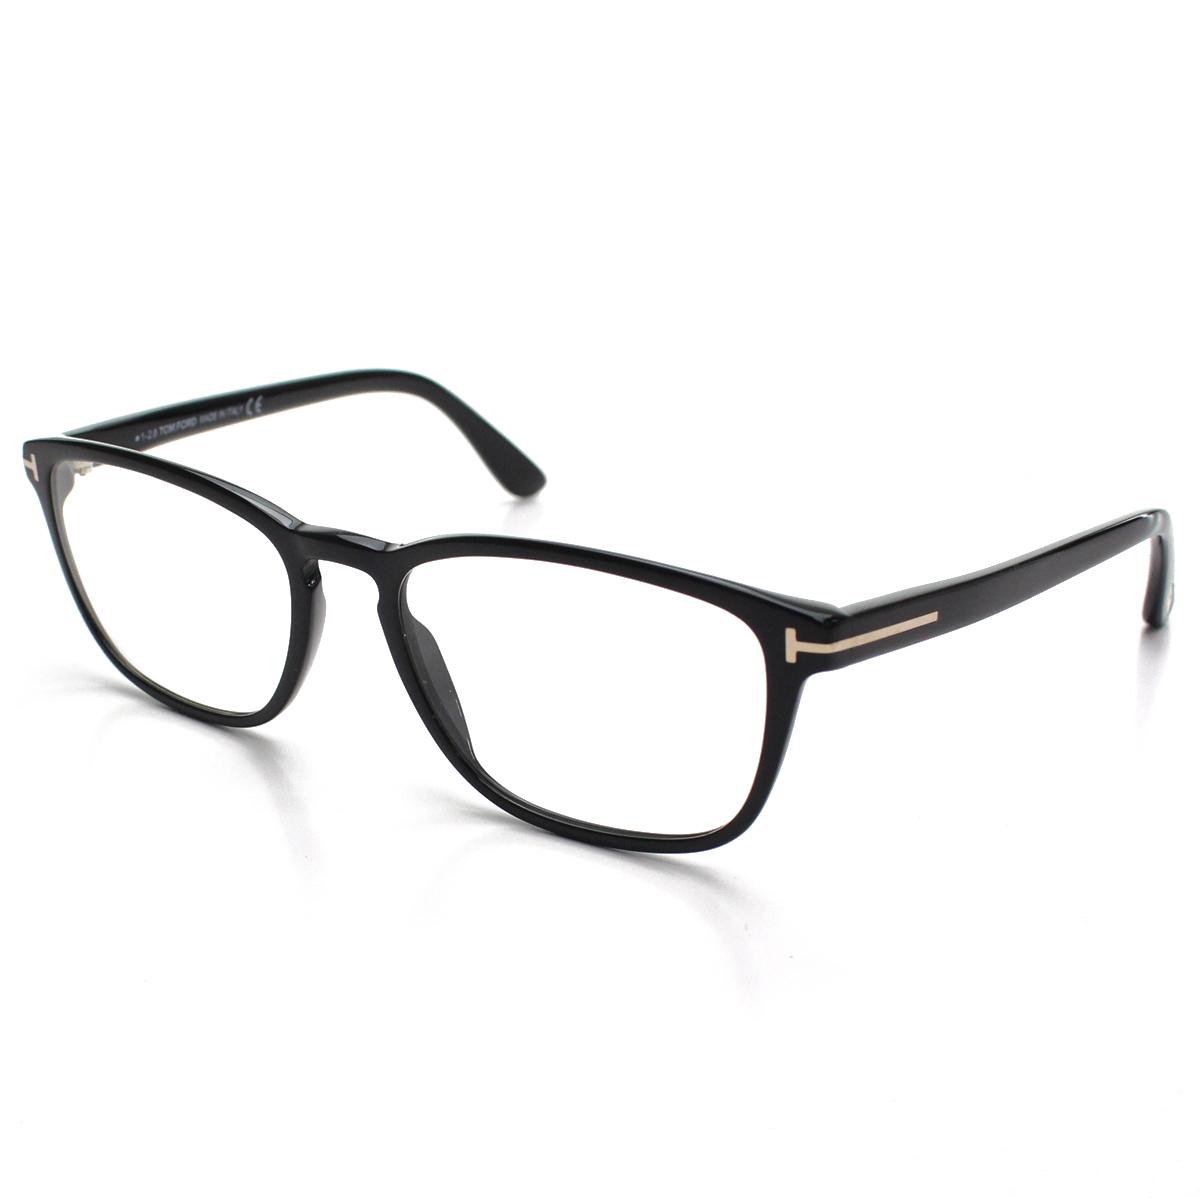 トム フォード TOM FORD ダテ眼鏡 メガネフレーム TF5355 001 メンズ レディース